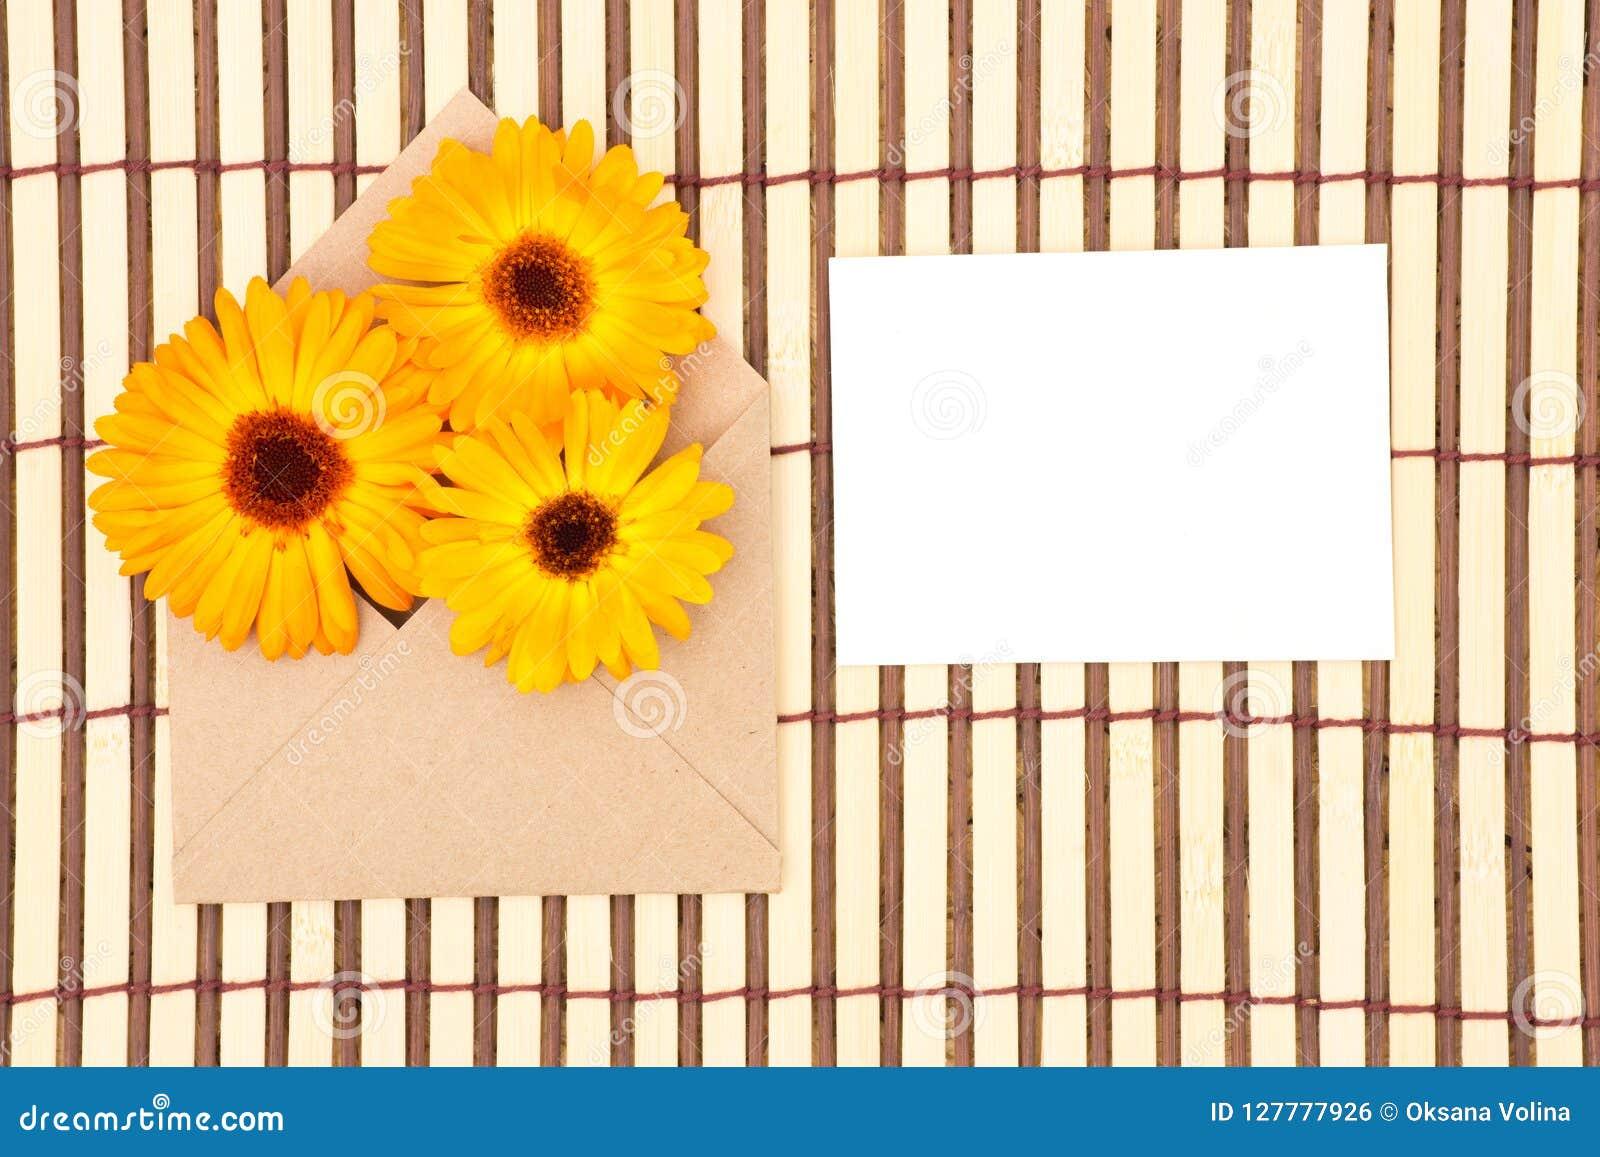 Kuvert av kraft papper med ett tomt meddelande och med härligt